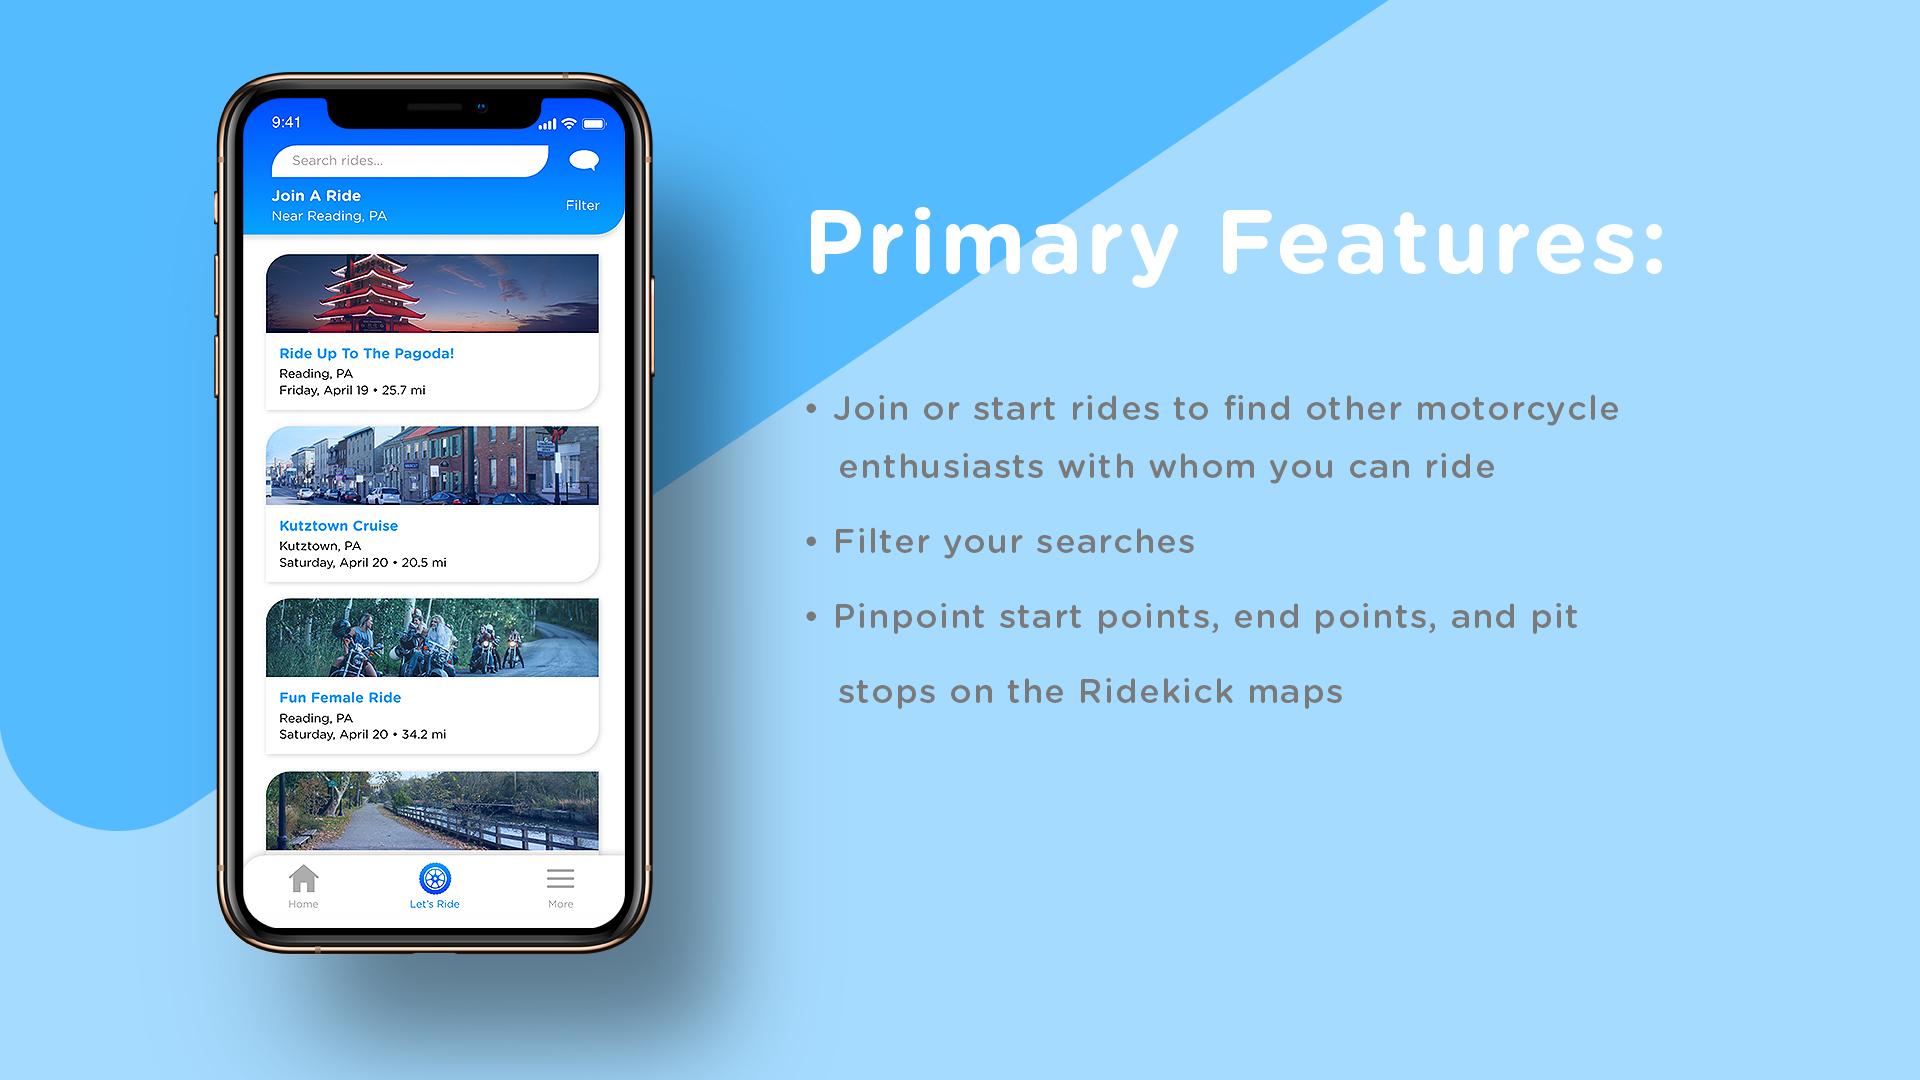 Ridekick Features 1